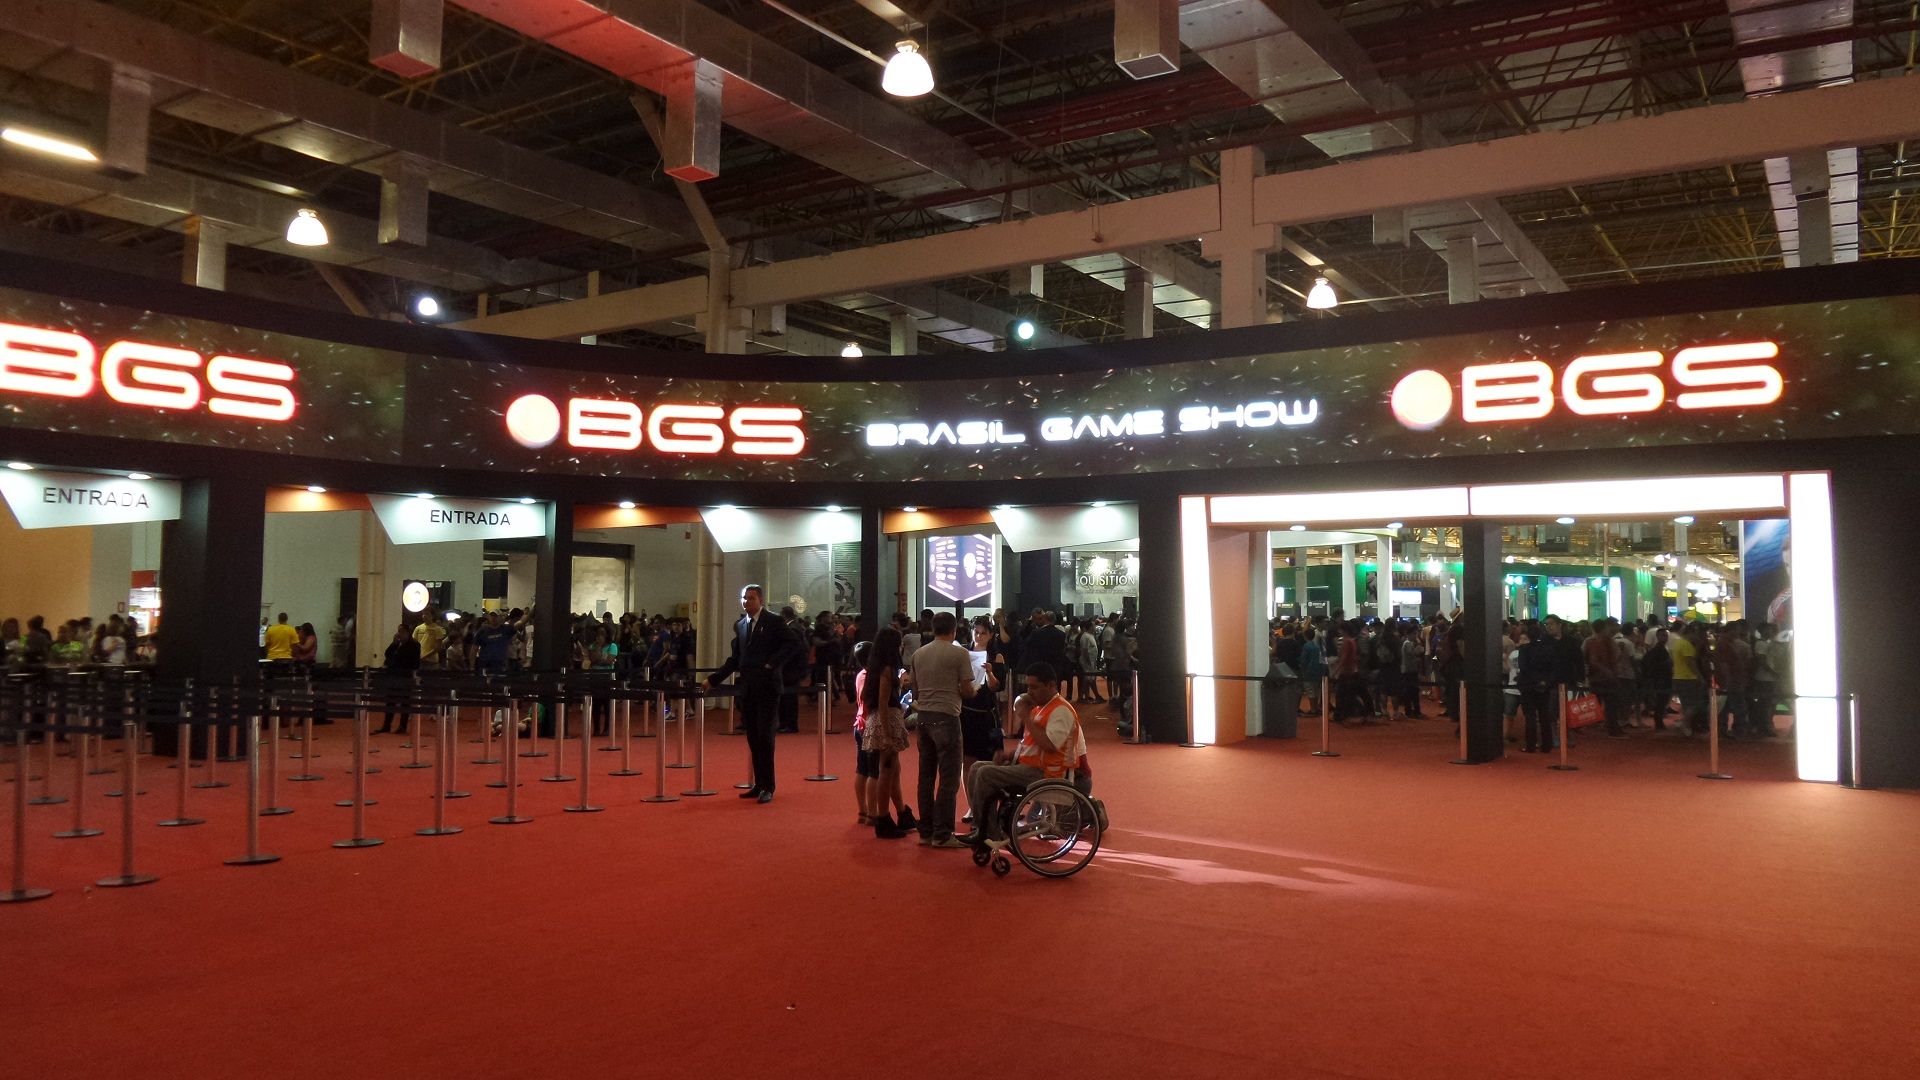 brasil-game-show-bgs-entrada